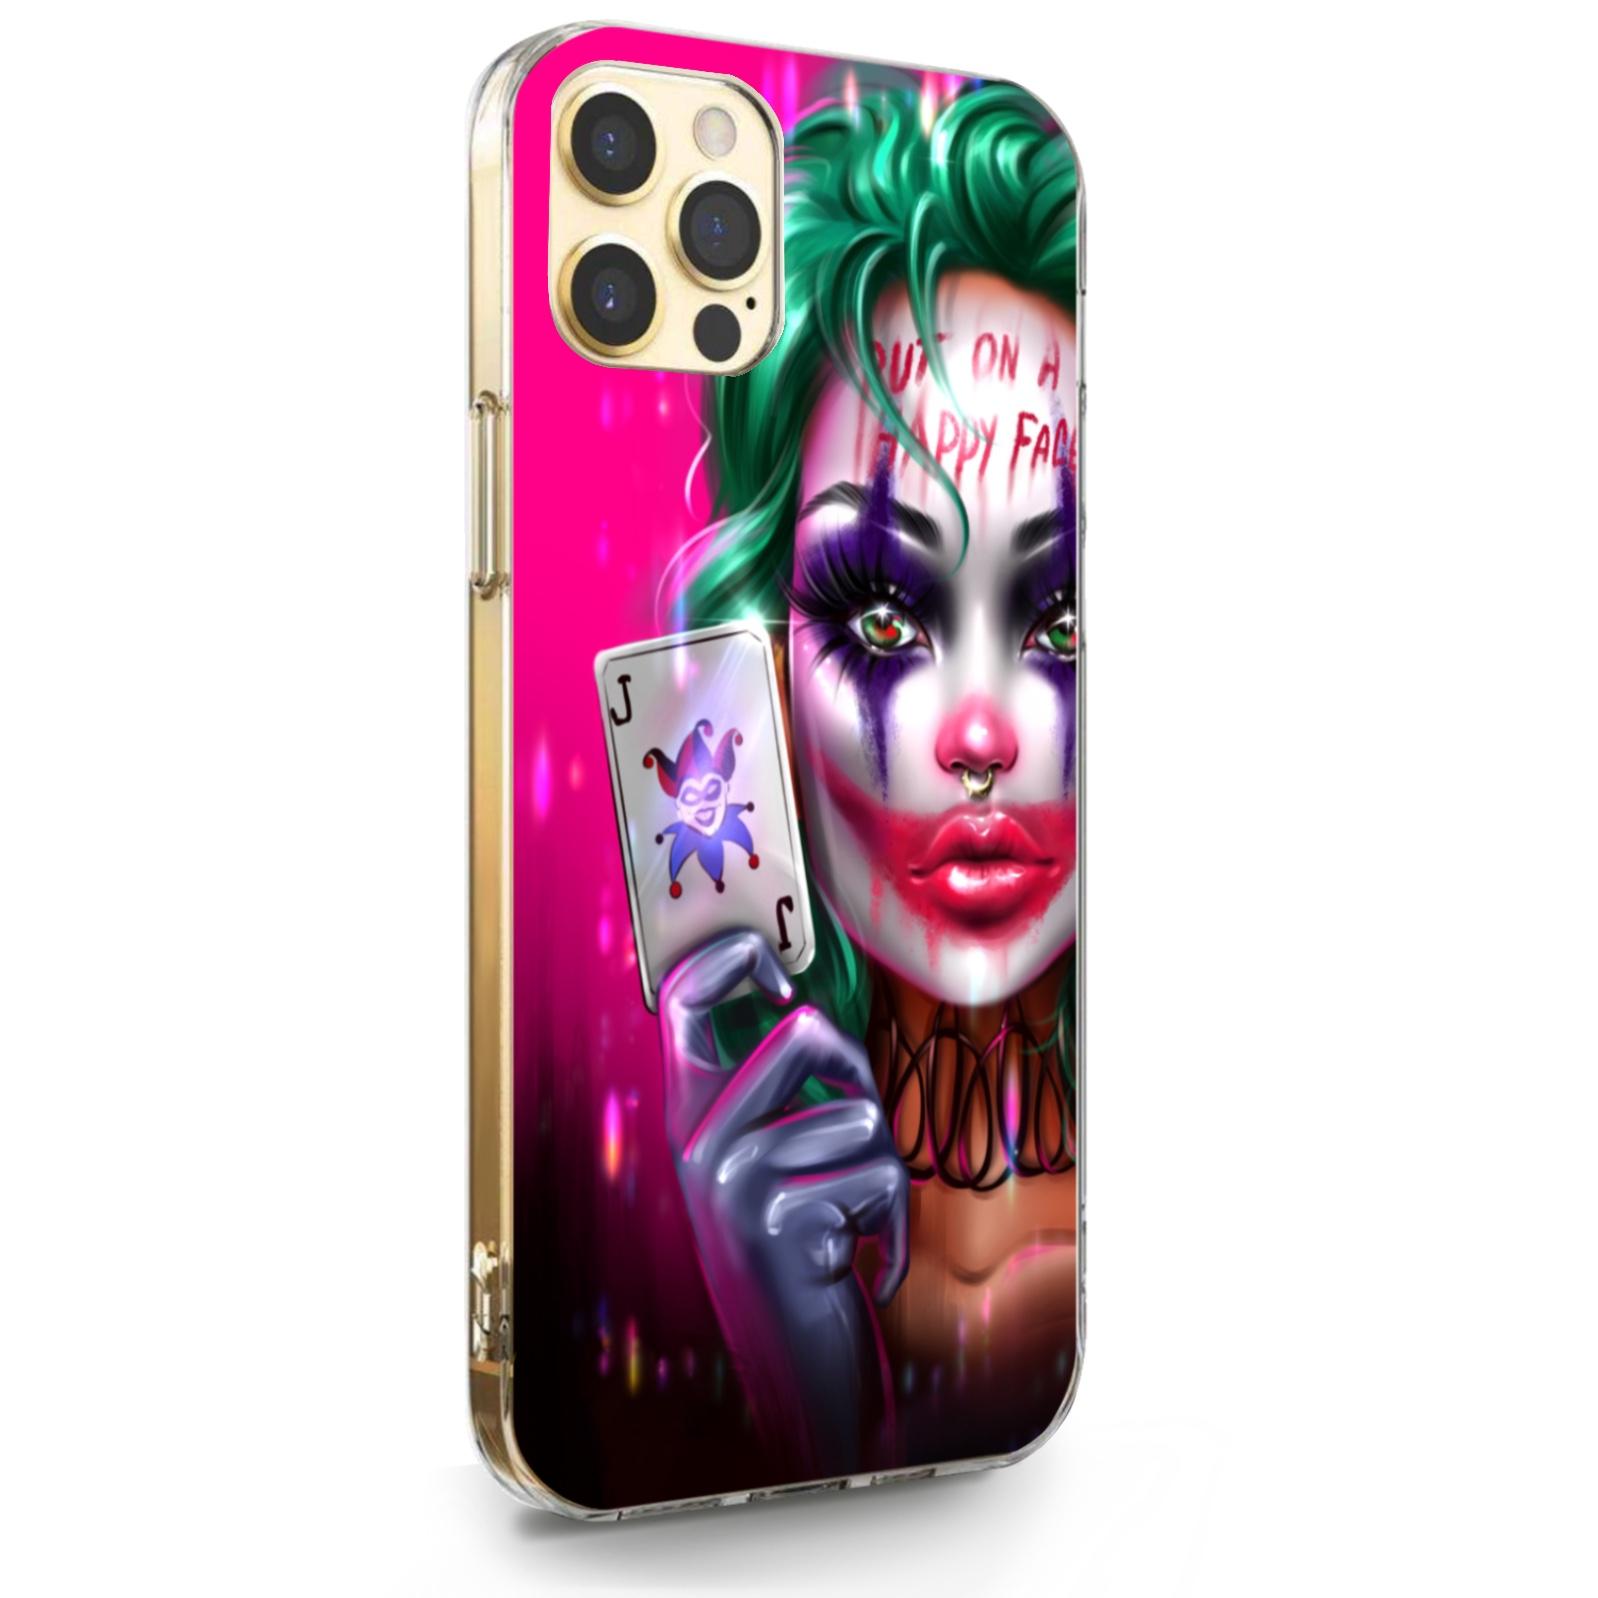 Прозрачный силиконовый чехол для iPhone 12 Pro Max Joker Girl/ Харли Квин для Айфон 12 Про Макс